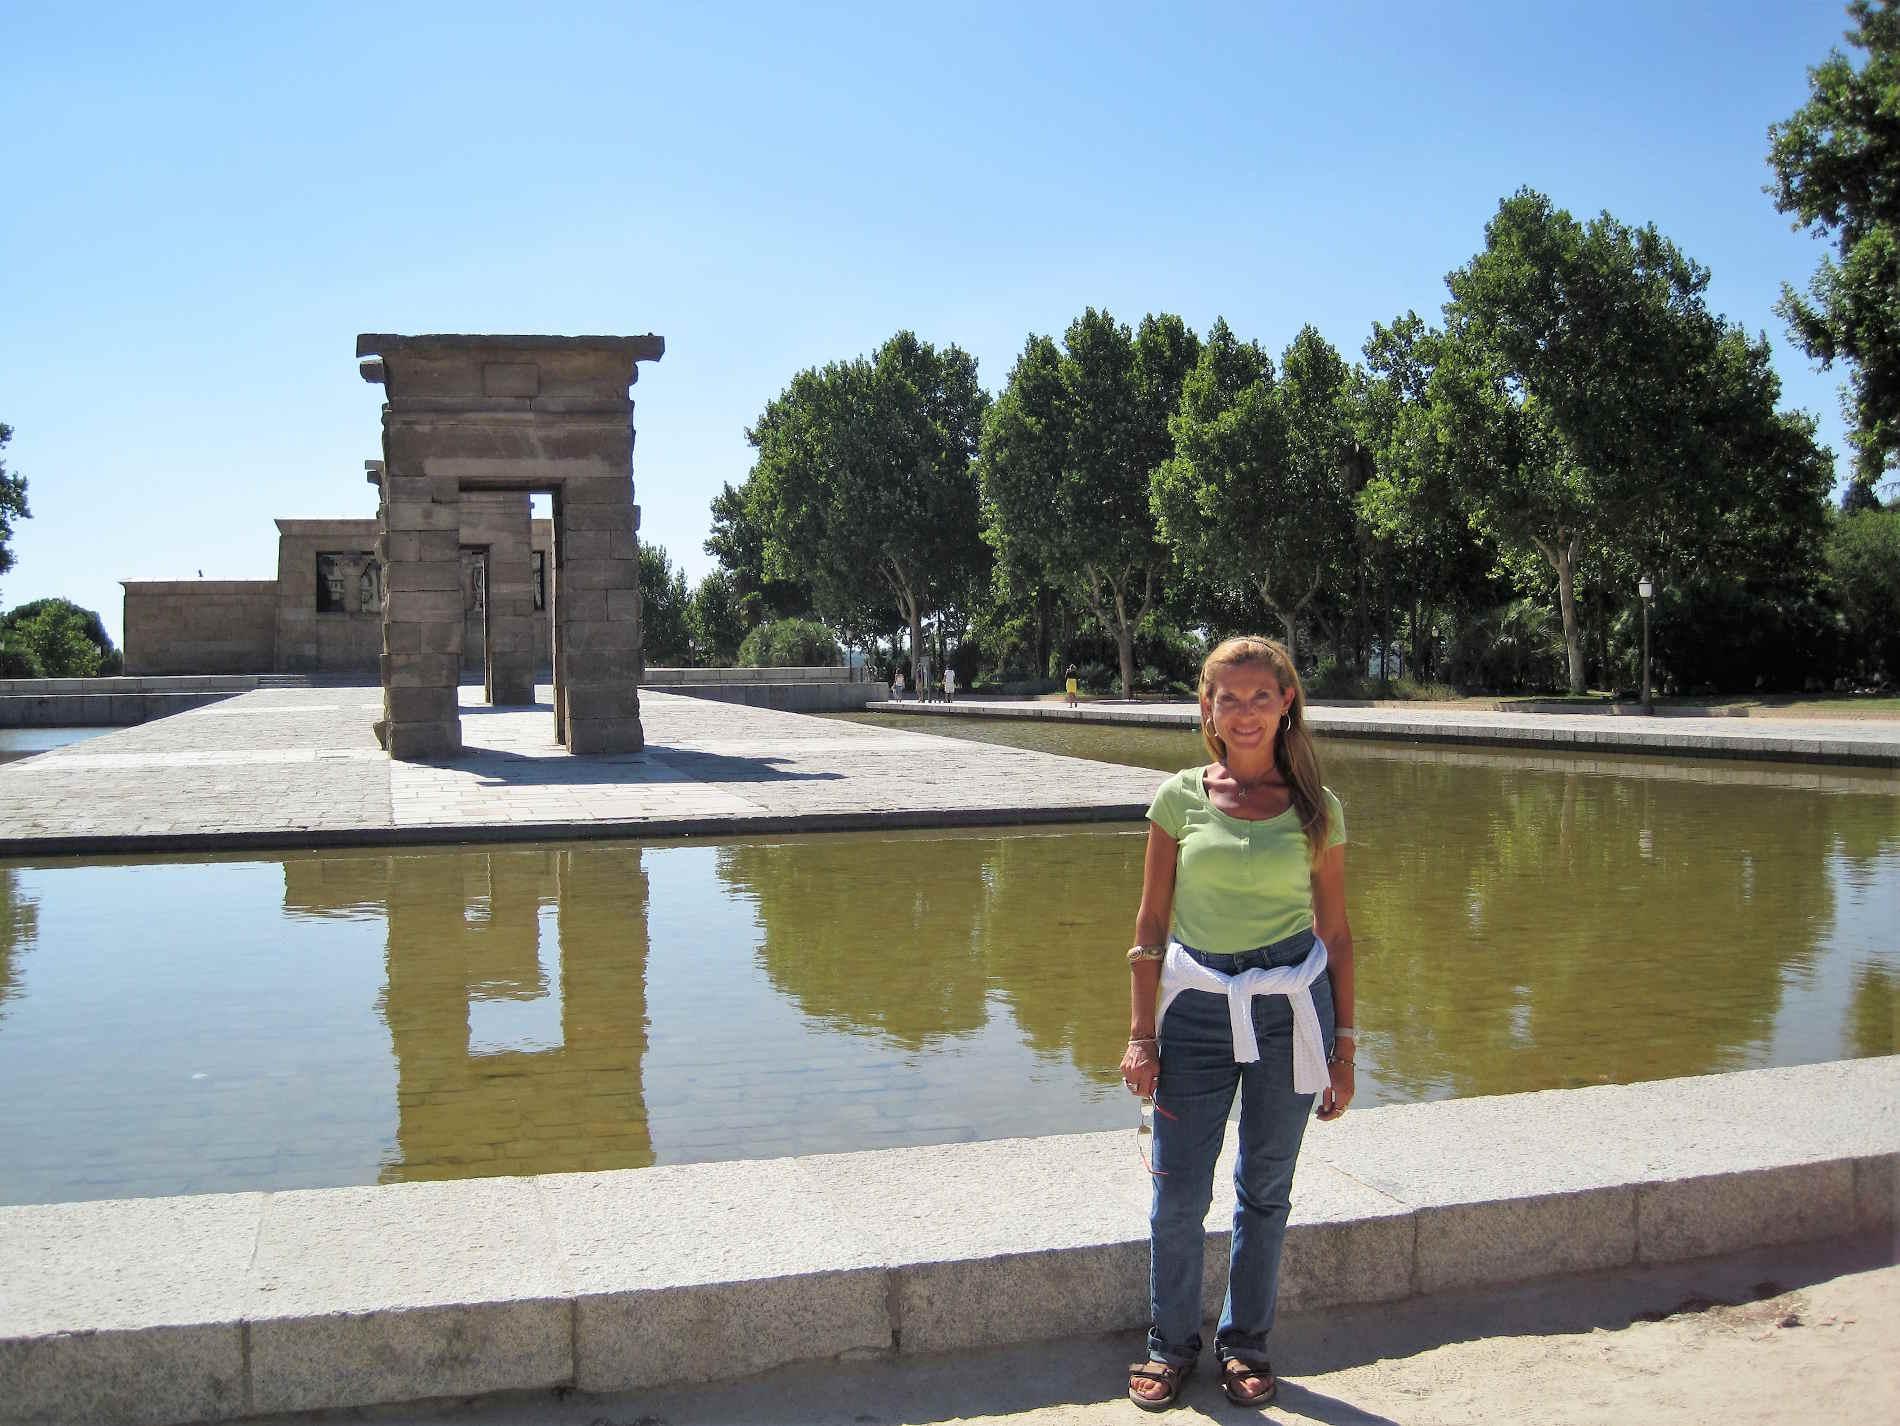 Capitali europee da visitare: Madrid, capitale della Spagna in Europa il tempio di Debod